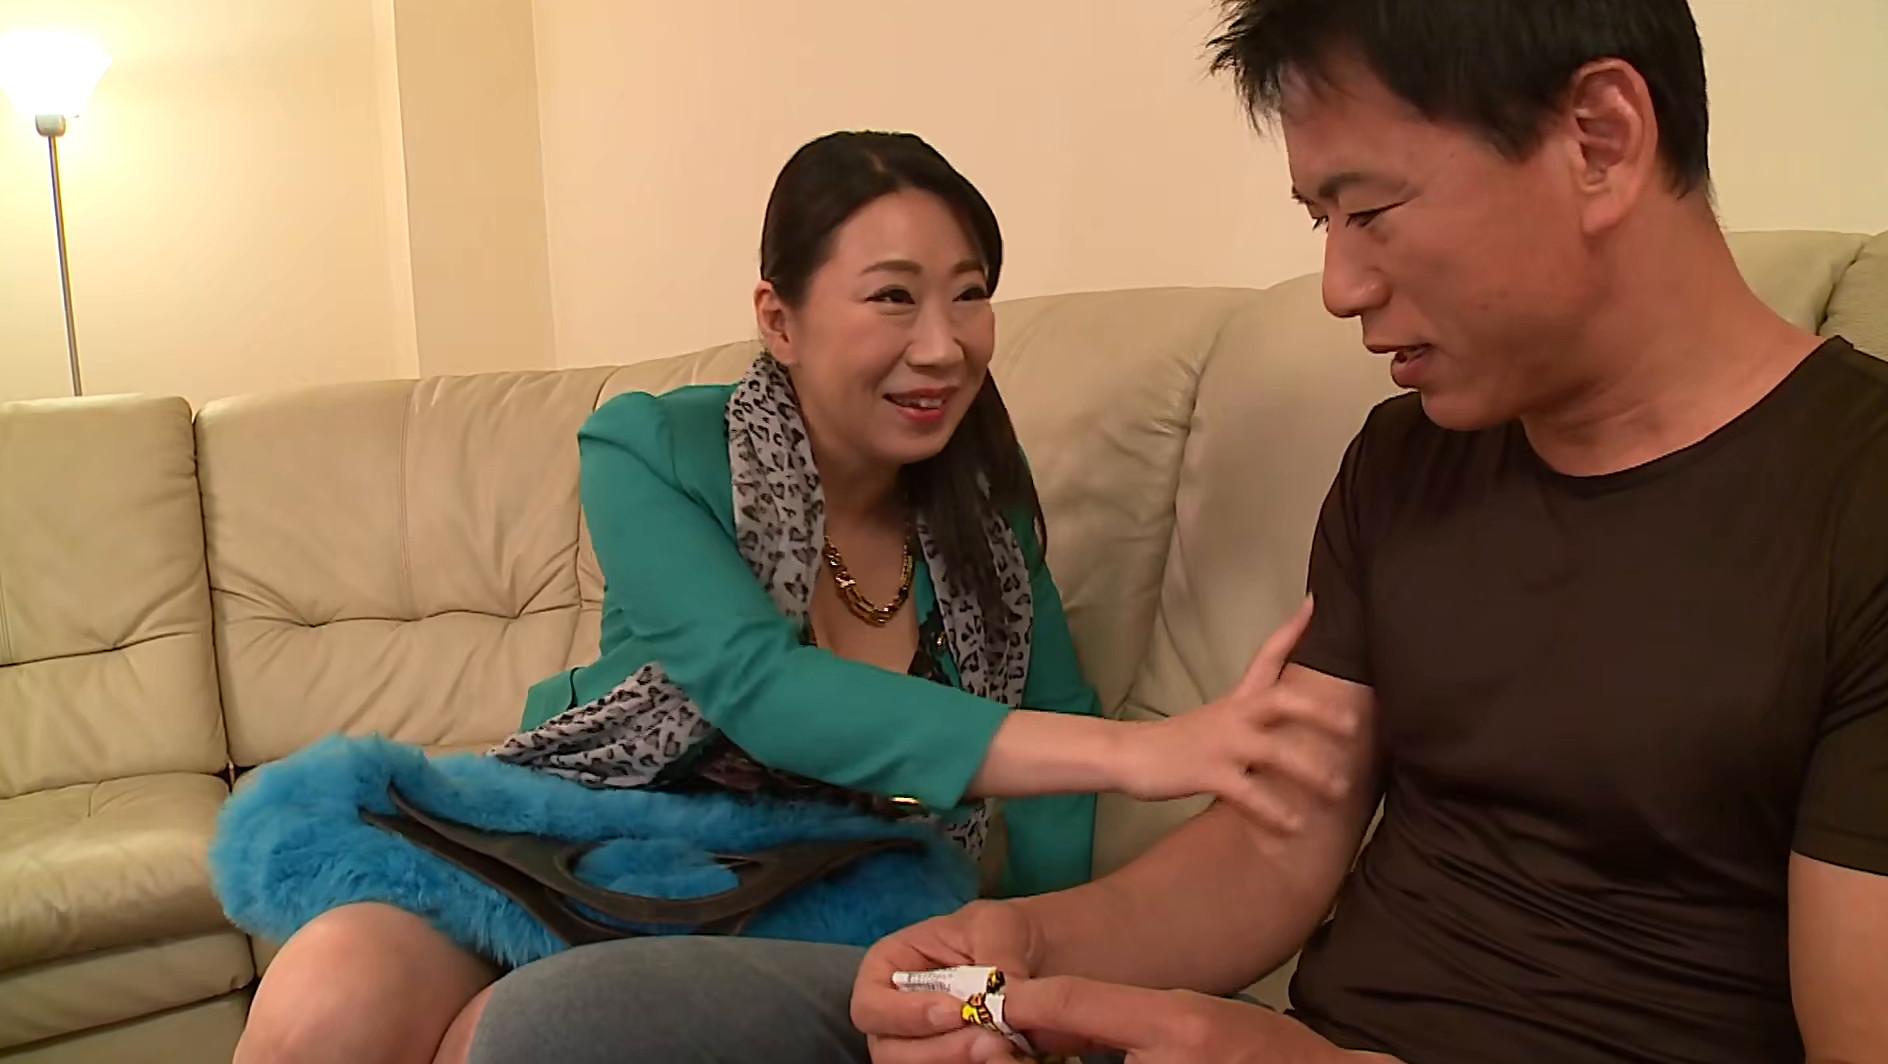 島津かおる【甥っ子でイキまくる快楽の近親相姦】